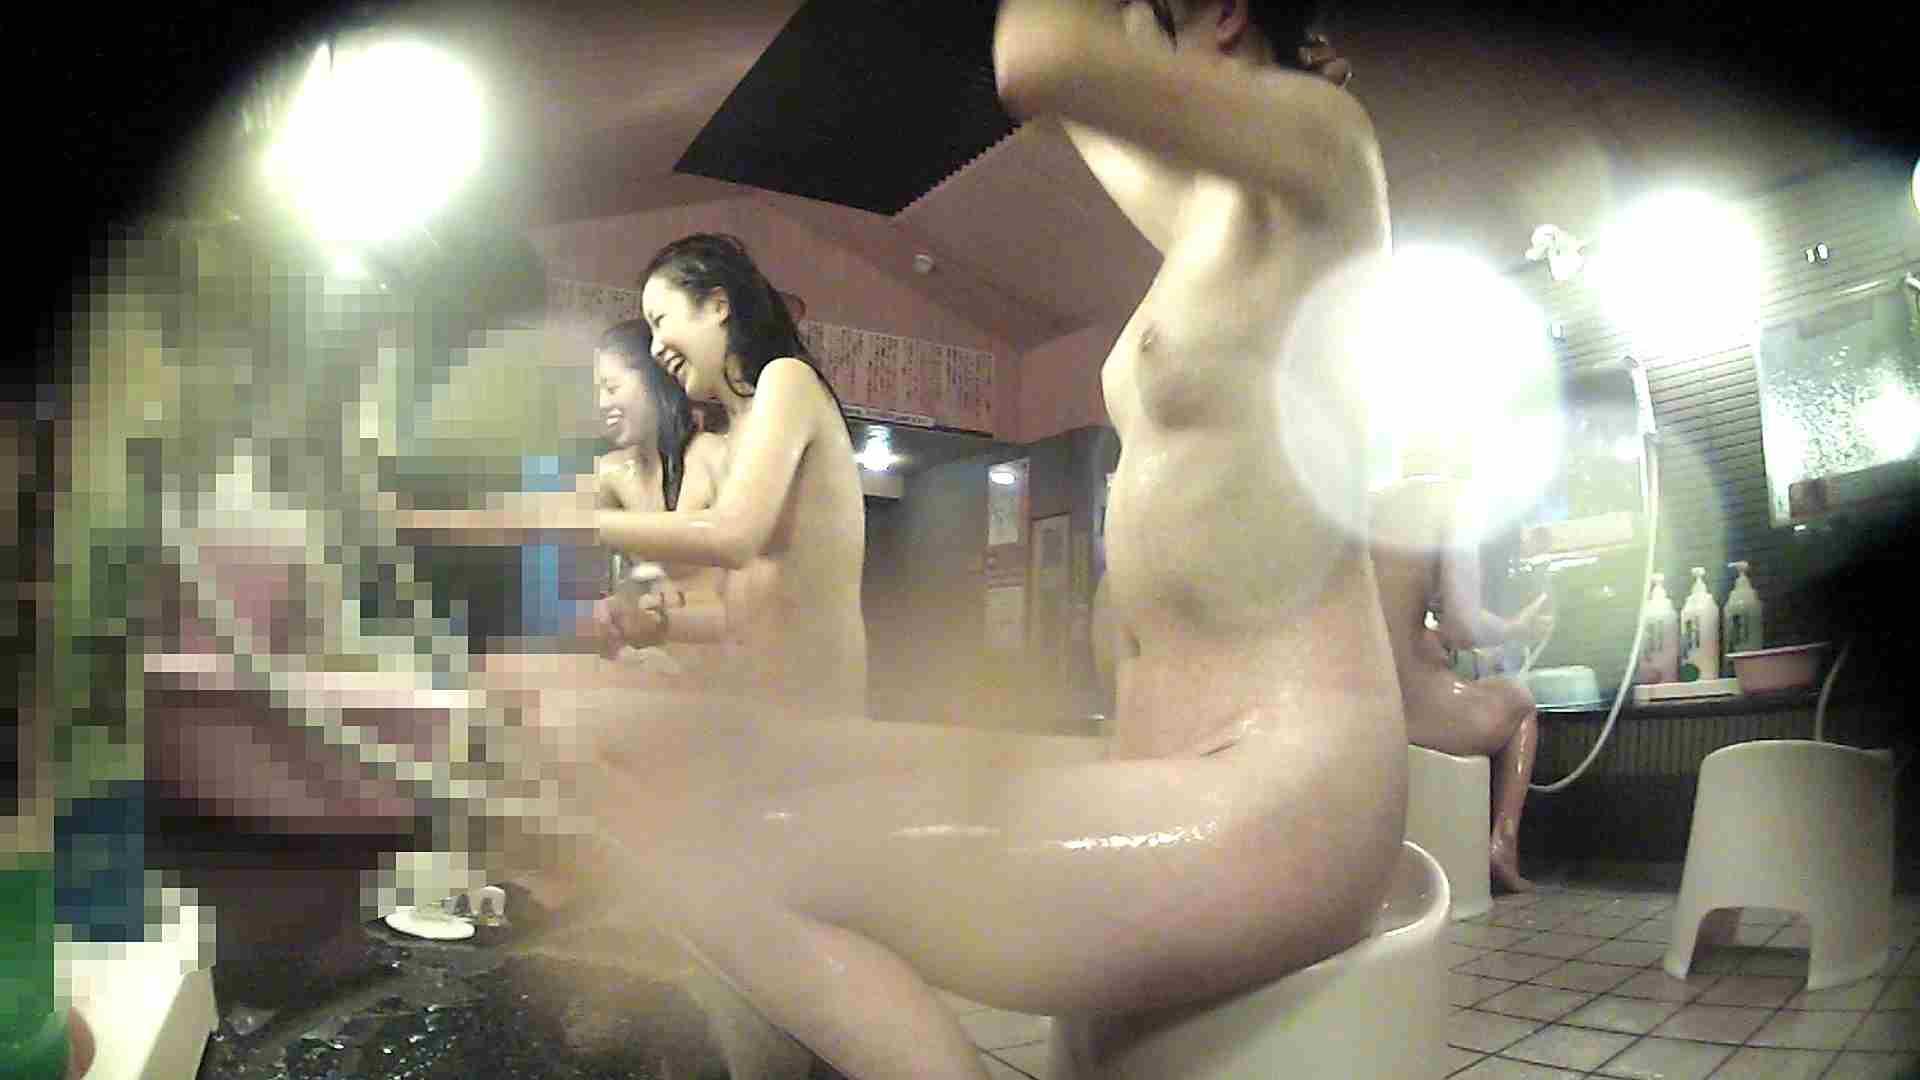 洗い場!お股の洗い方に好感が持てるお嬢さん 潜入  78PIX 56